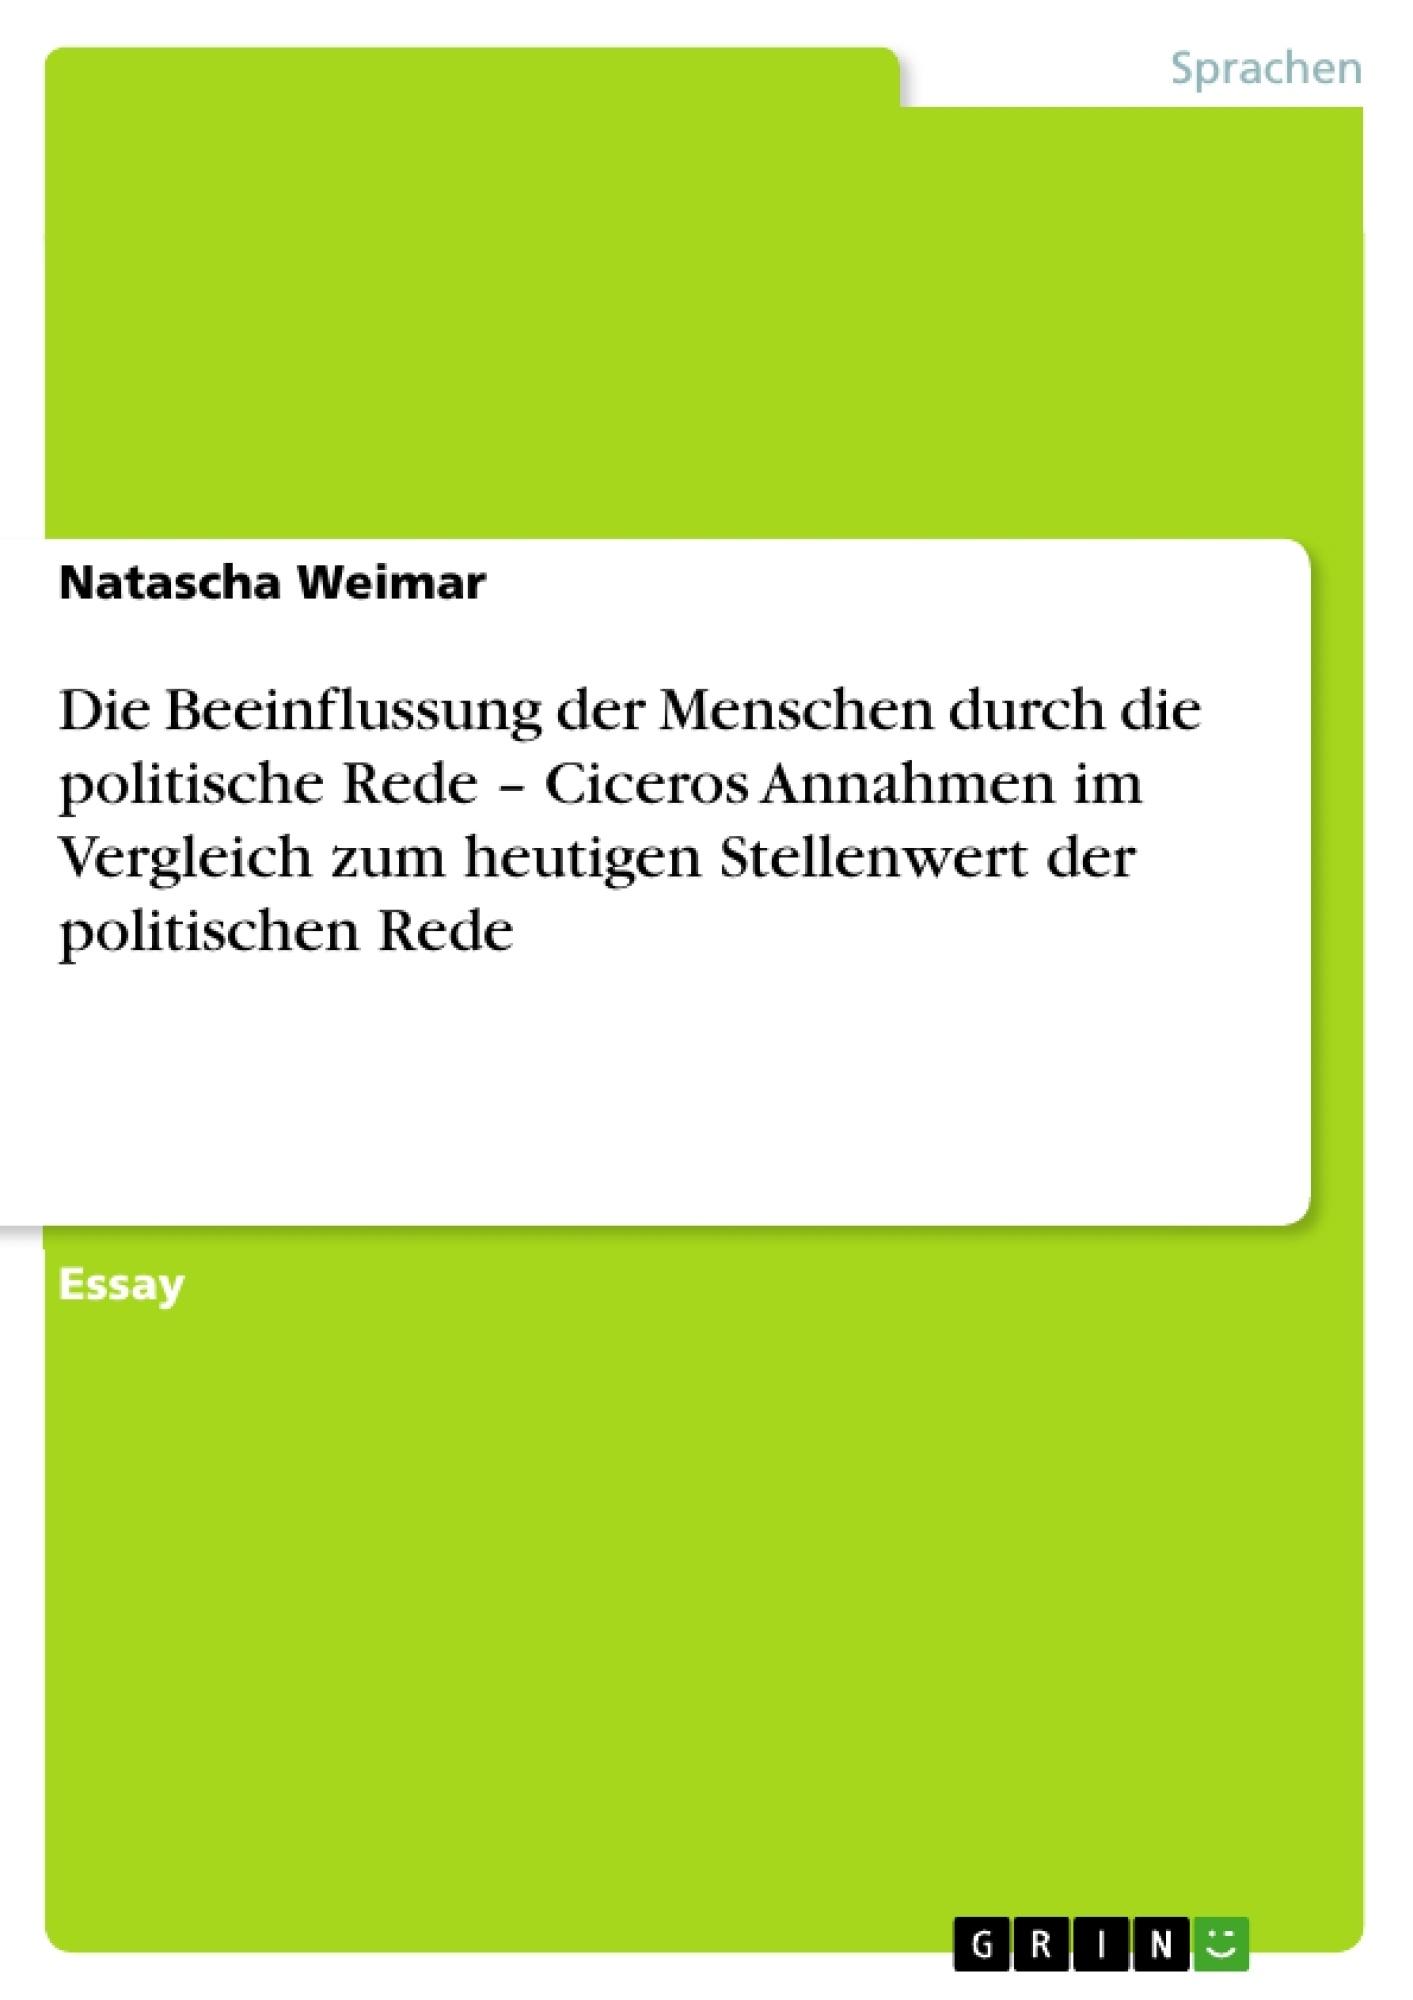 Titel: Die Beeinflussung der Menschen durch die politische Rede – Ciceros Annahmen im Vergleich zum heutigen Stellenwert der politischen Rede